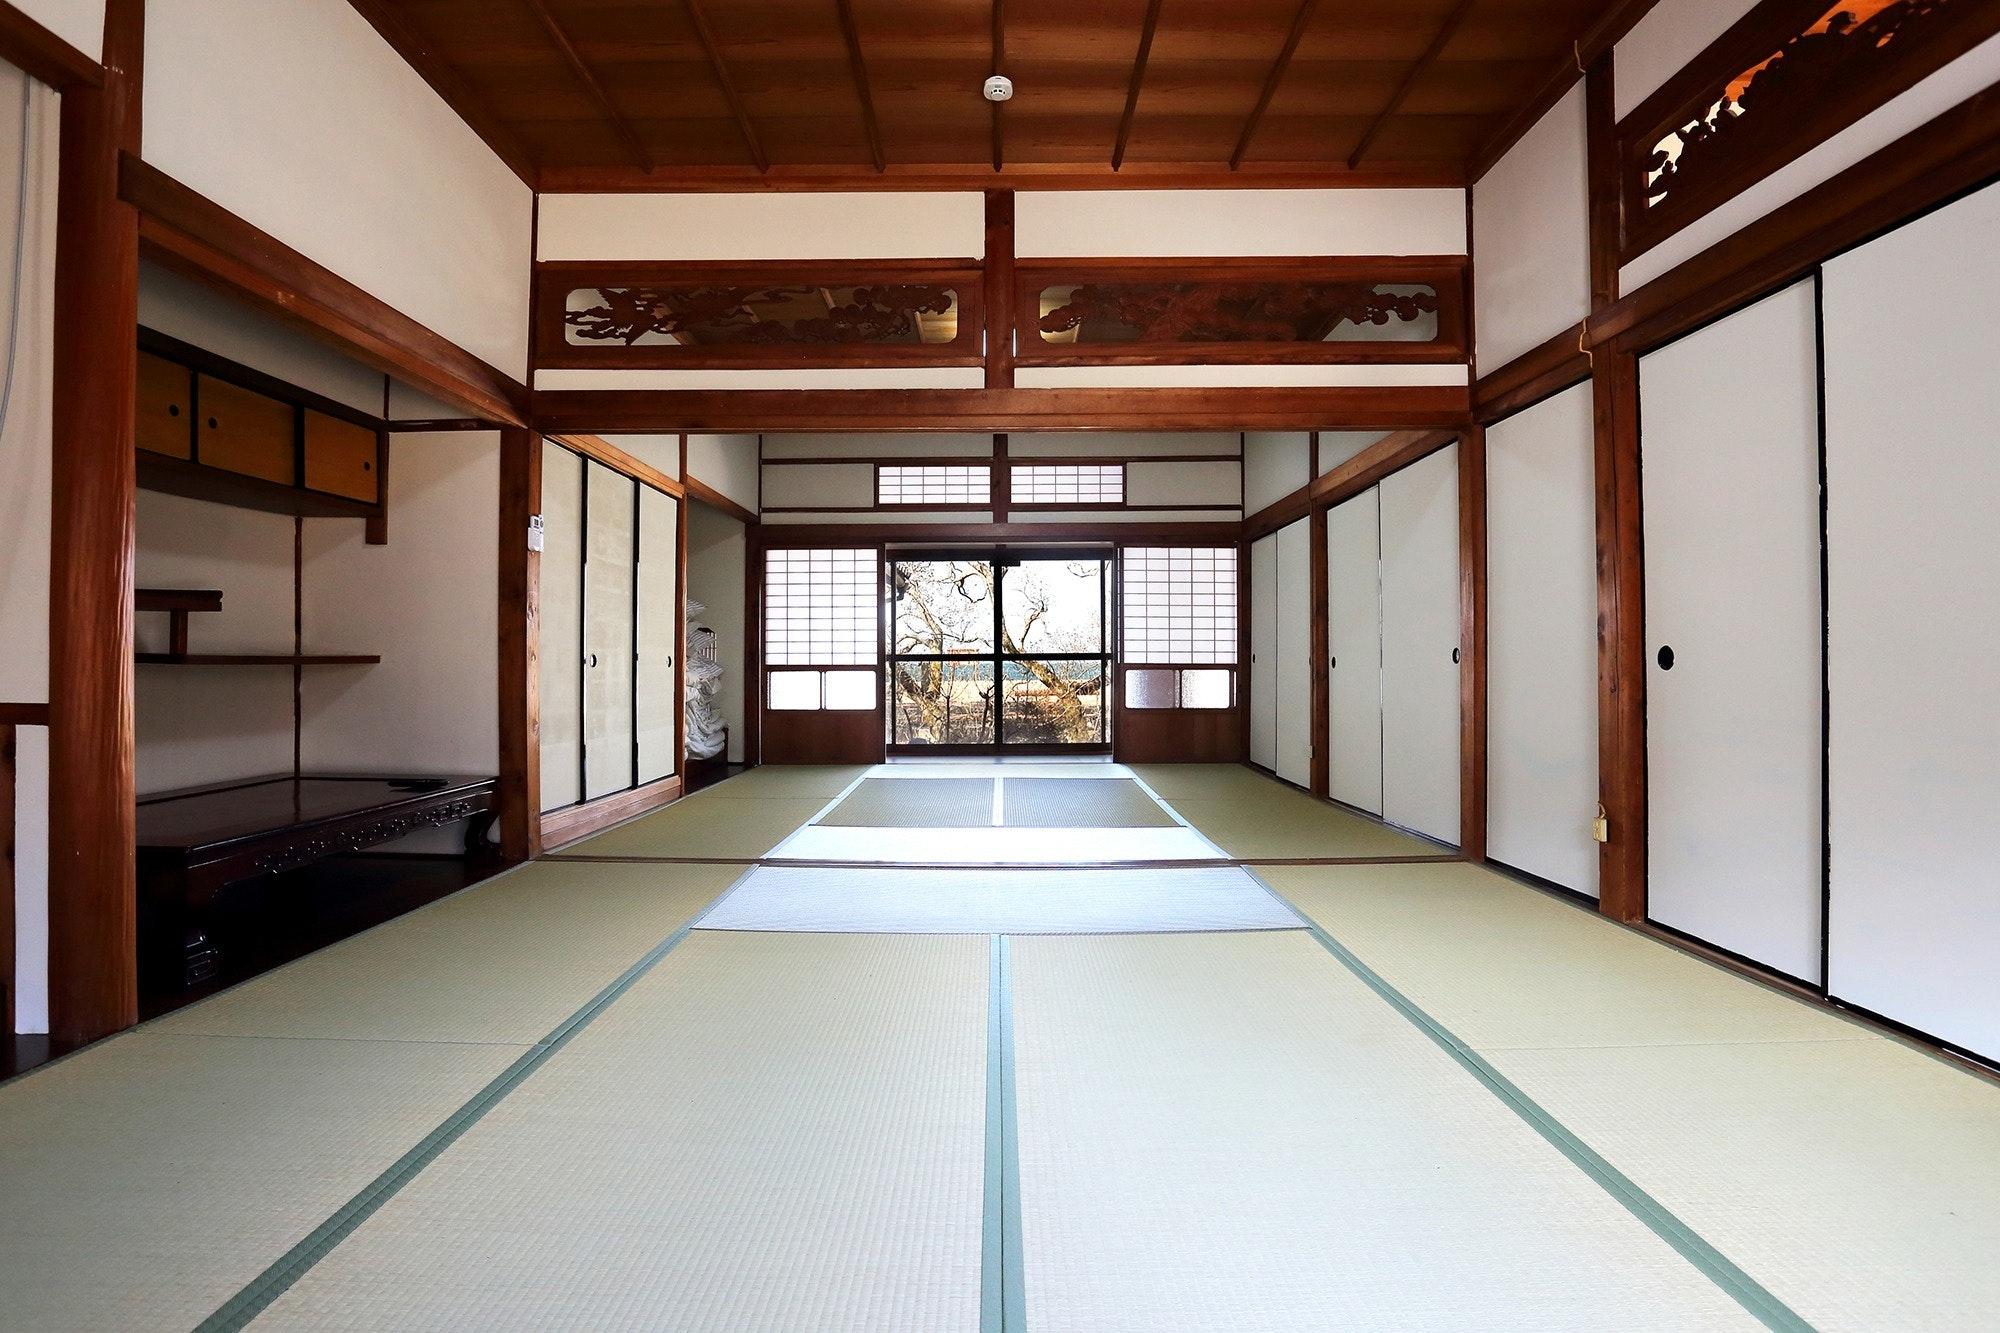 【 ART×古民家 】小豆島の古民家一軒まるまる貸切!小部海水浴場すぐそば!